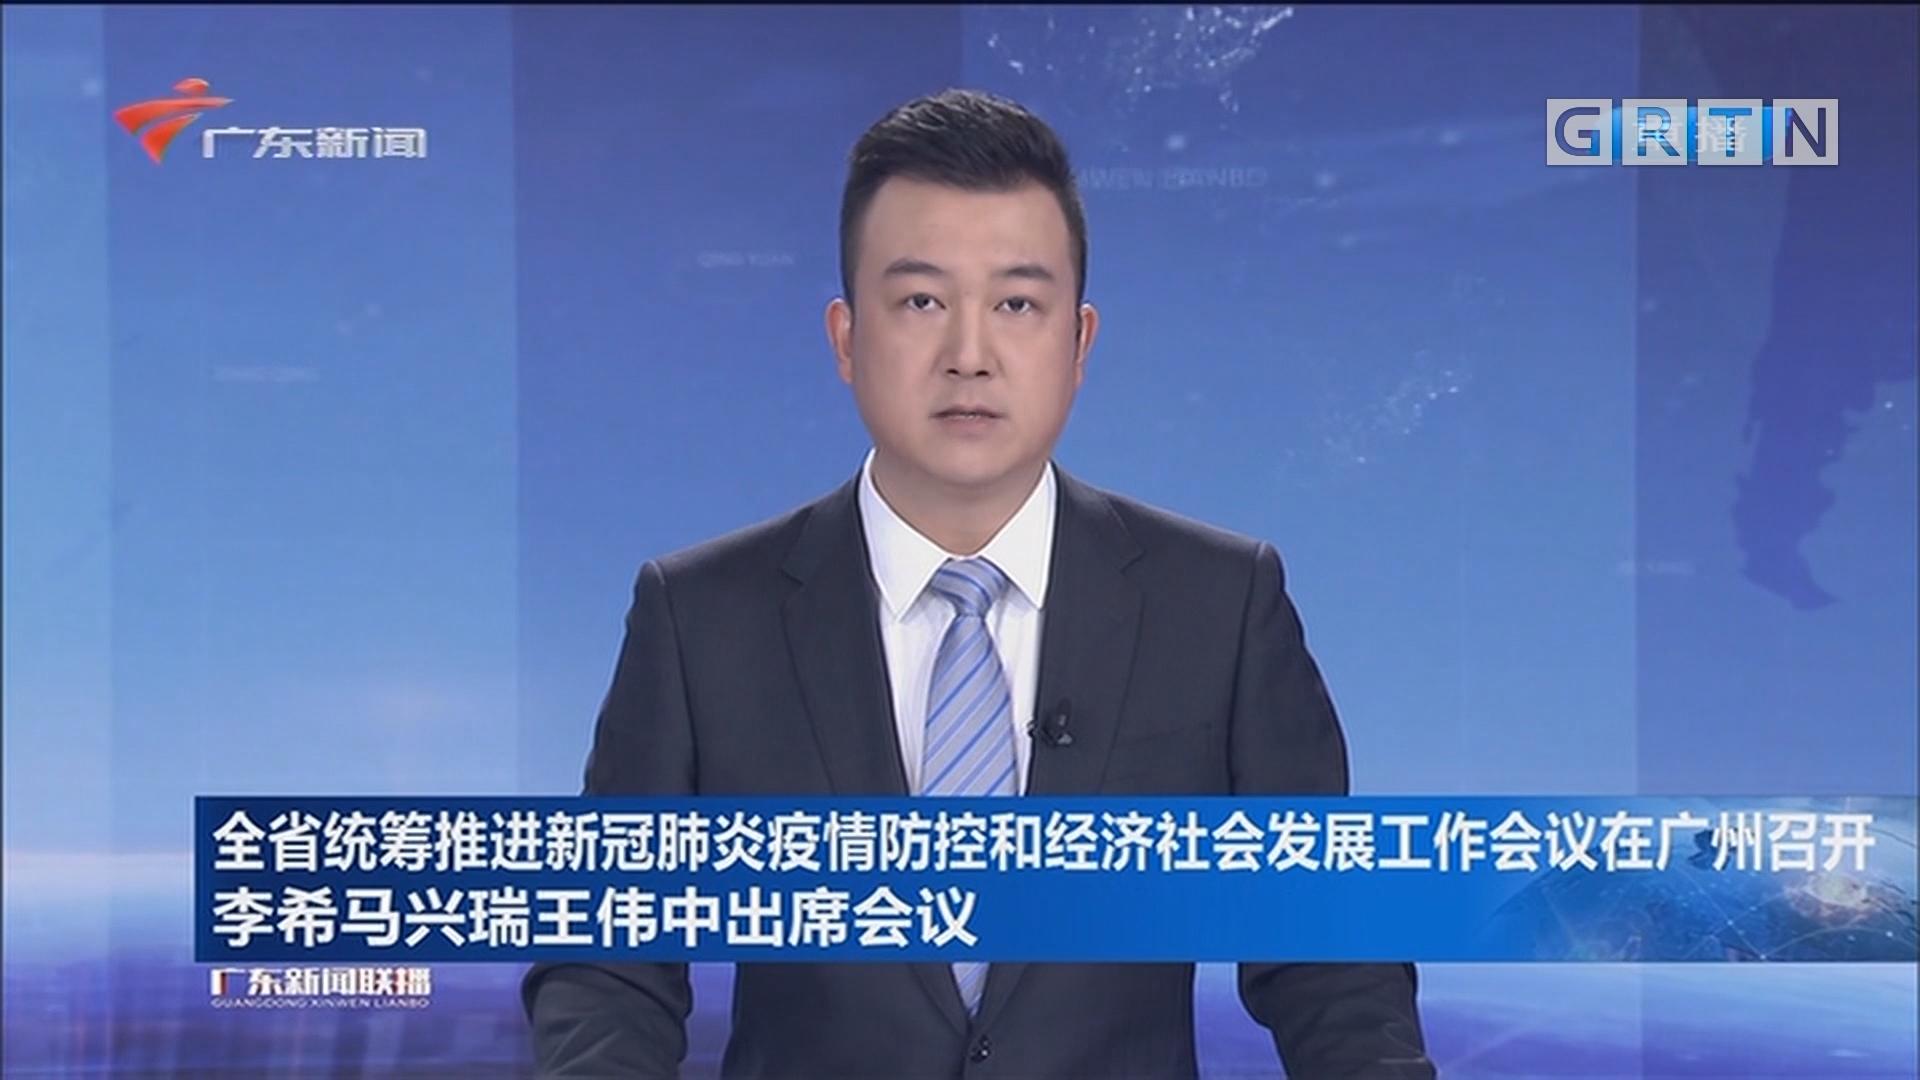 全省统筹推进新冠肺炎疫情防控和经济社会发展工作会议在广州召开 李希马兴瑞王伟中出席会议